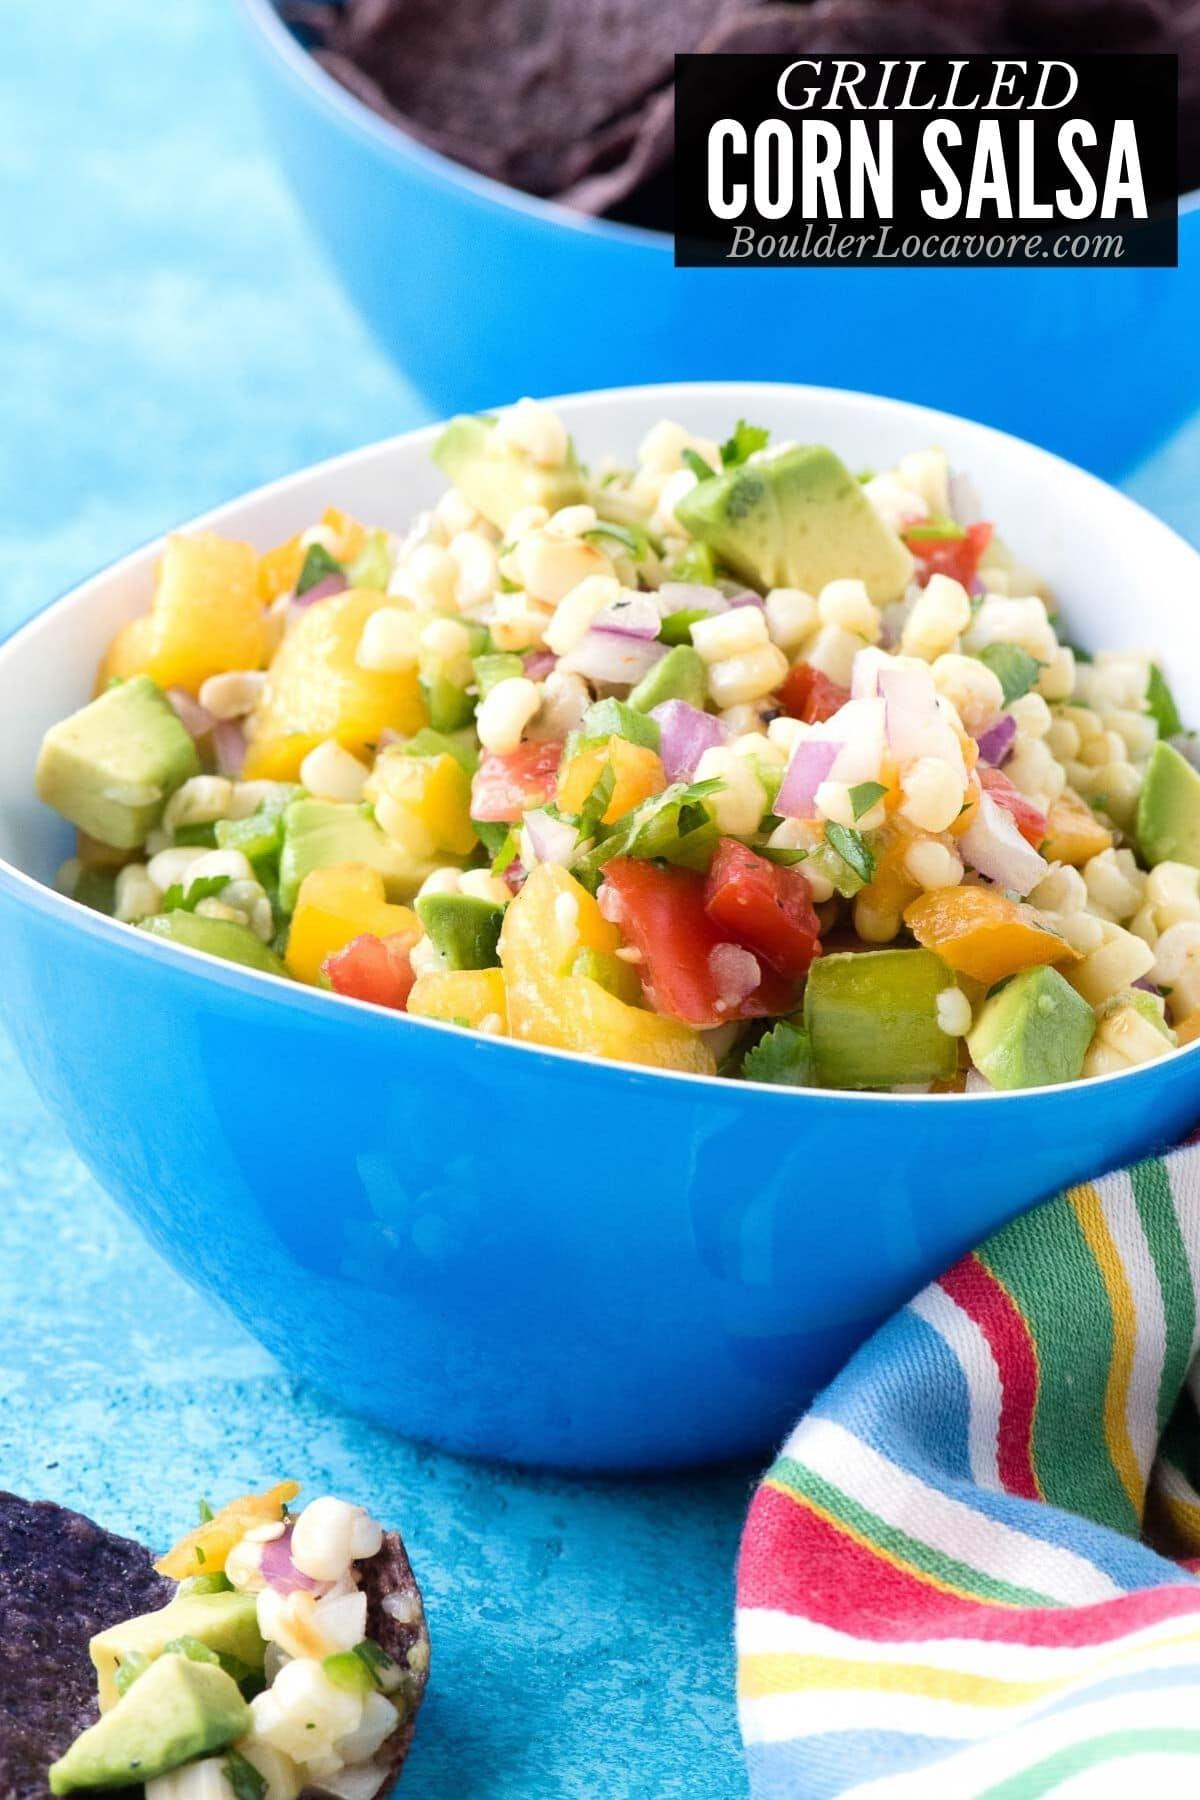 corn salsa in a blue bowl